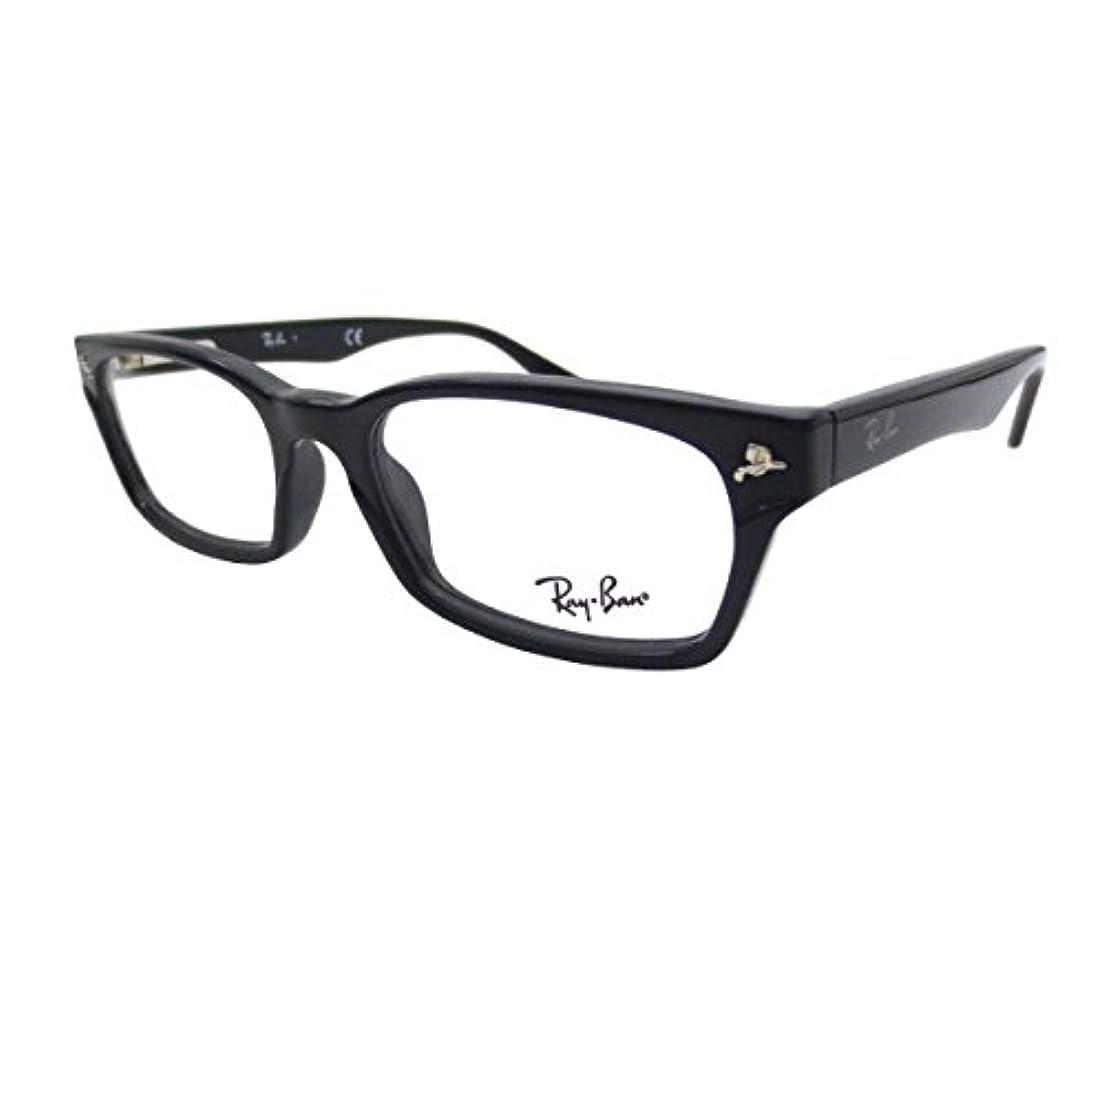 クリップ助言する鼓舞する■レンズセット商品■ RX5017A 2000 レイバン スマート老眼鏡 ブルーライトカット+2.00